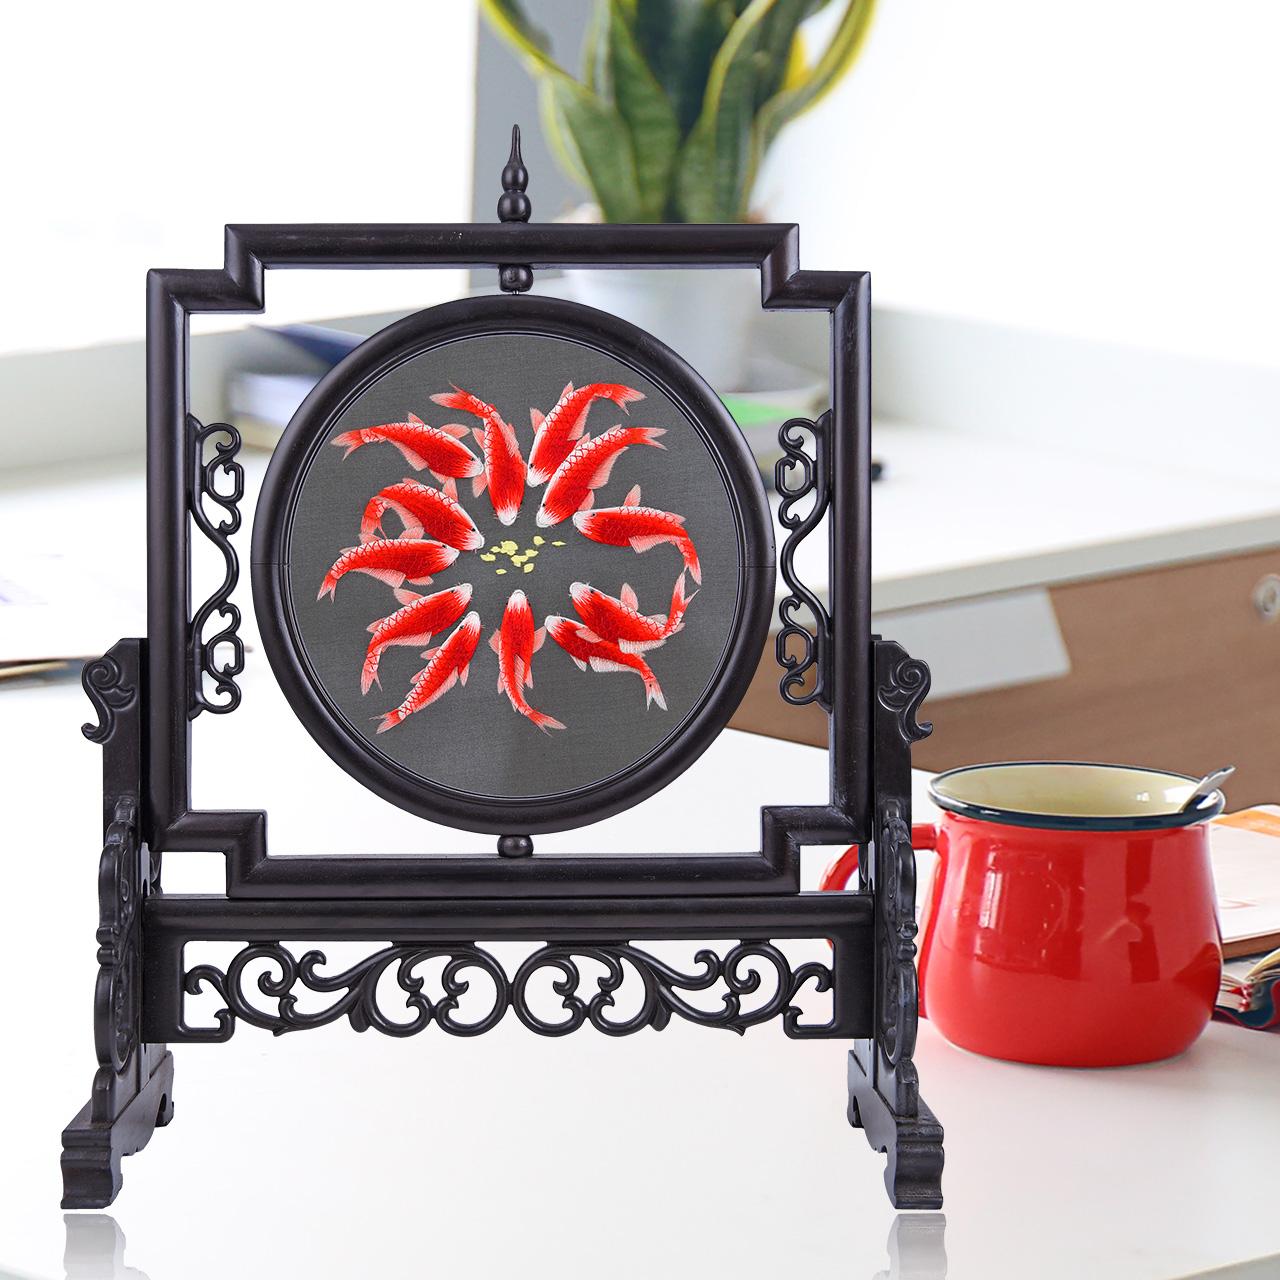 电视柜装饰品摆件客厅桌子摆设小饰品创意办公室工艺品苏绣双面绣